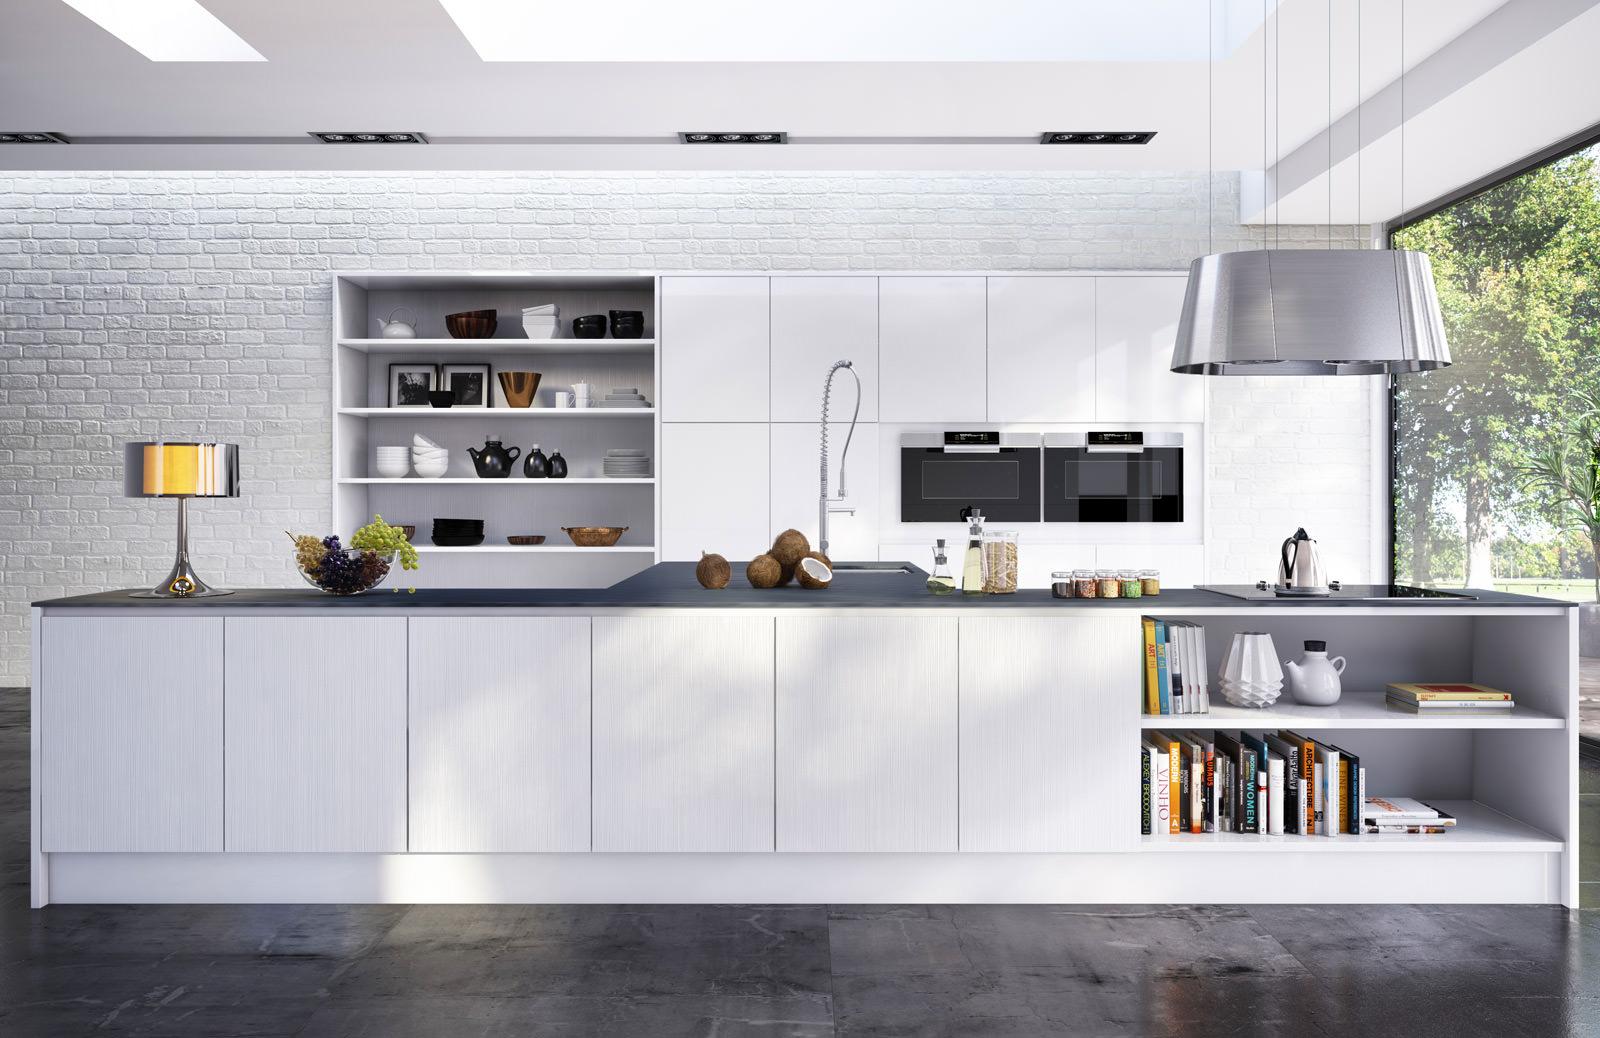 Cozinhas planejadas: Cozinhas planejadas Todeschini #818546 1600 1038